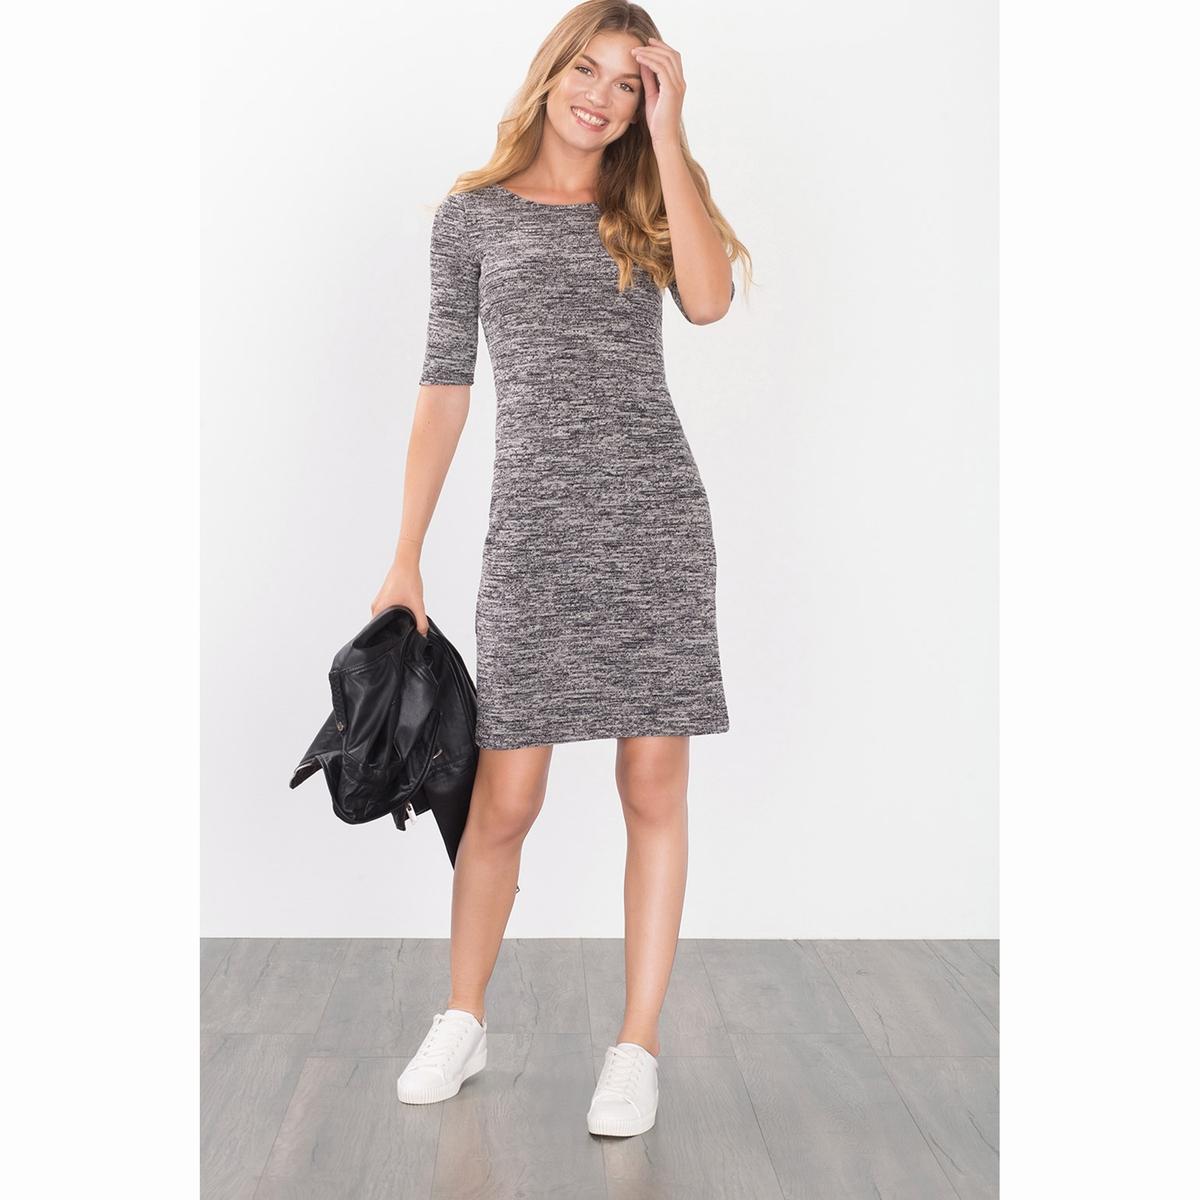 Платье вязаное меланж.Вязаное платье меланж. Рукава ?. Круглый вырез, очень открытая спинка. Состав и описаниеМатериалы: 52% полиэстера, 40% хлопка, 8% эластана.     Марка: EspritУходСледуйте рекомендациям по уходу, указанным на этикетке изделия<br><br>Цвет: черный<br>Размер: XL